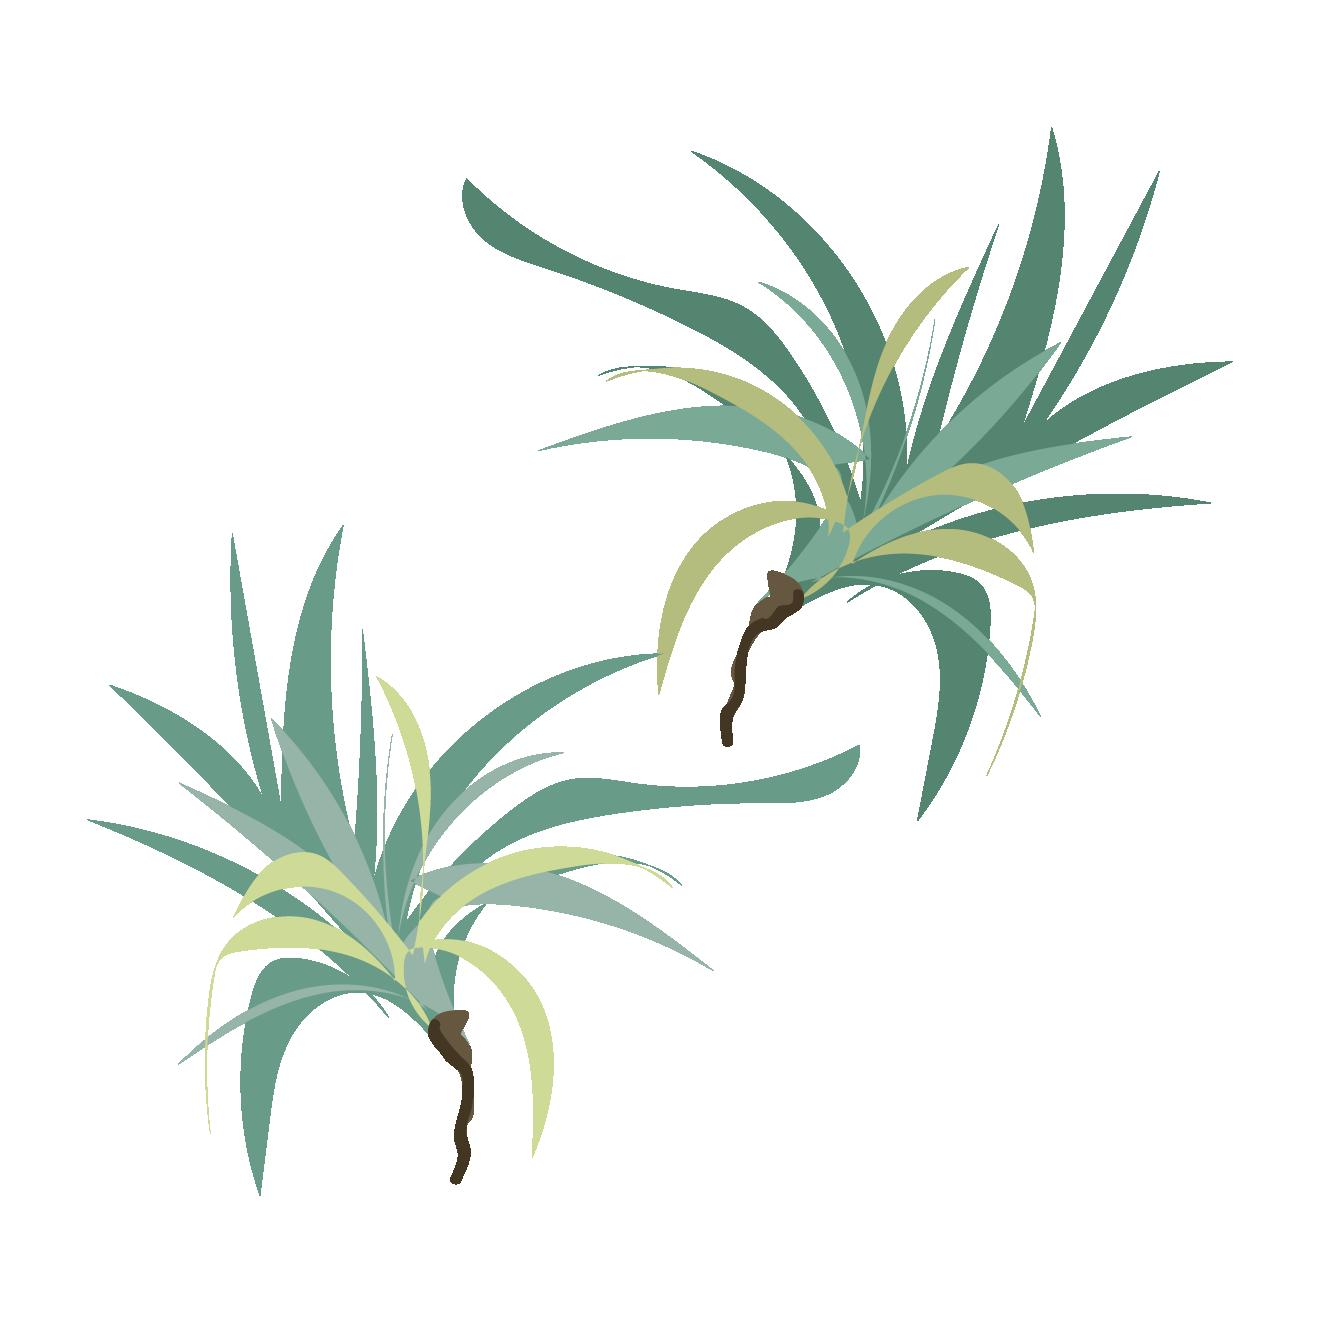 エアープランツ チランジアのイラスト【植物・グリーン】 | 商用フリー